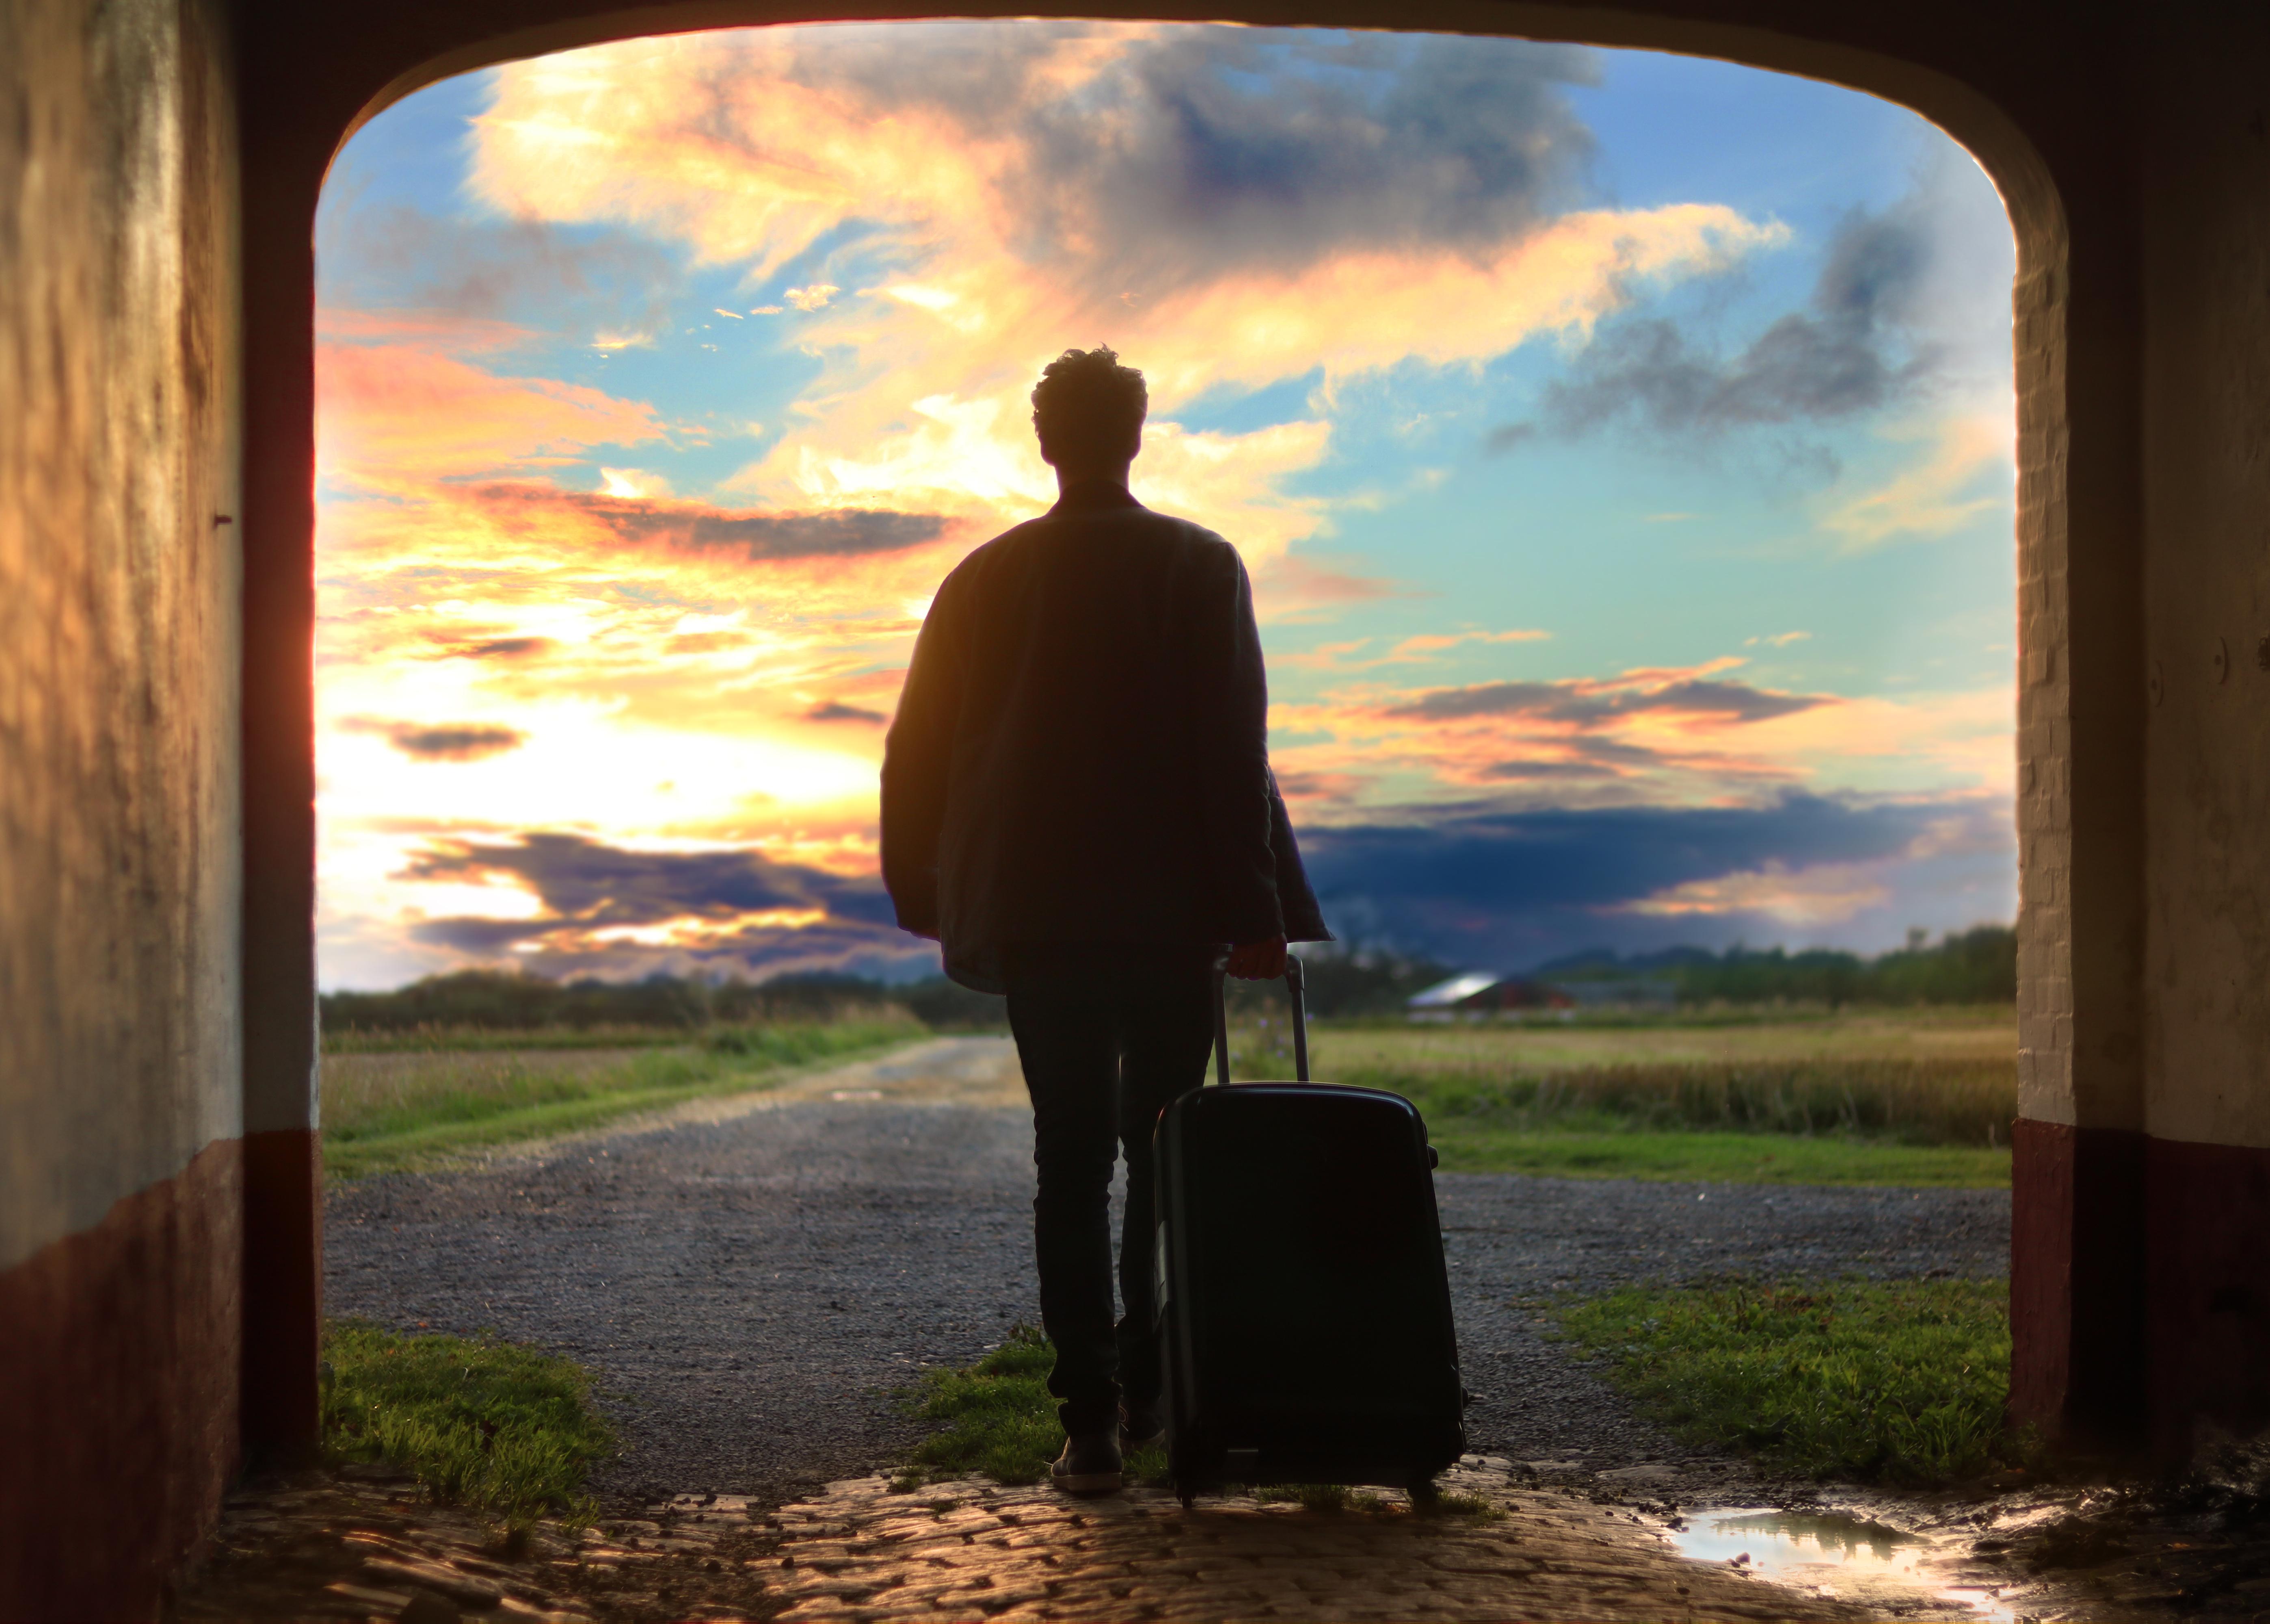 страна я выбираю путь одиночества картинка которые укрепляют